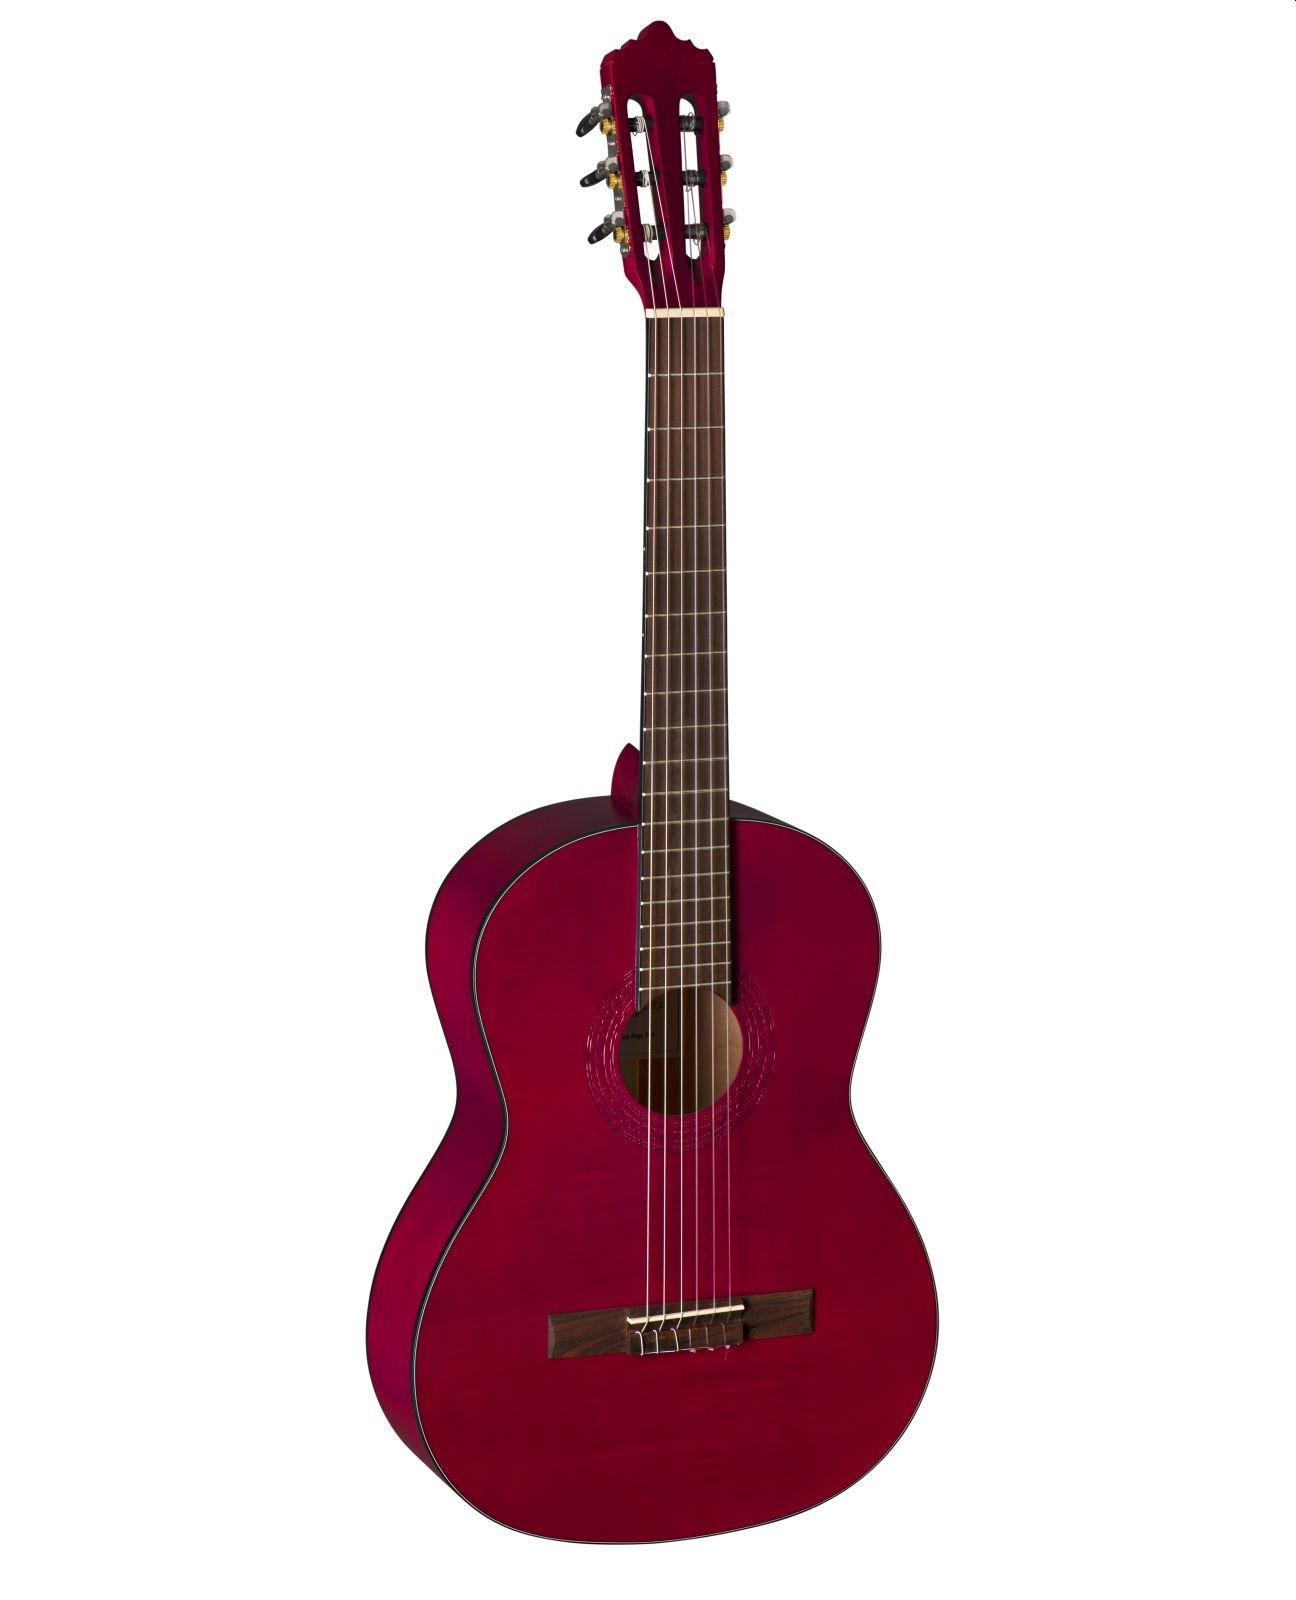 La Mancha Rubinito Rojo SM/59